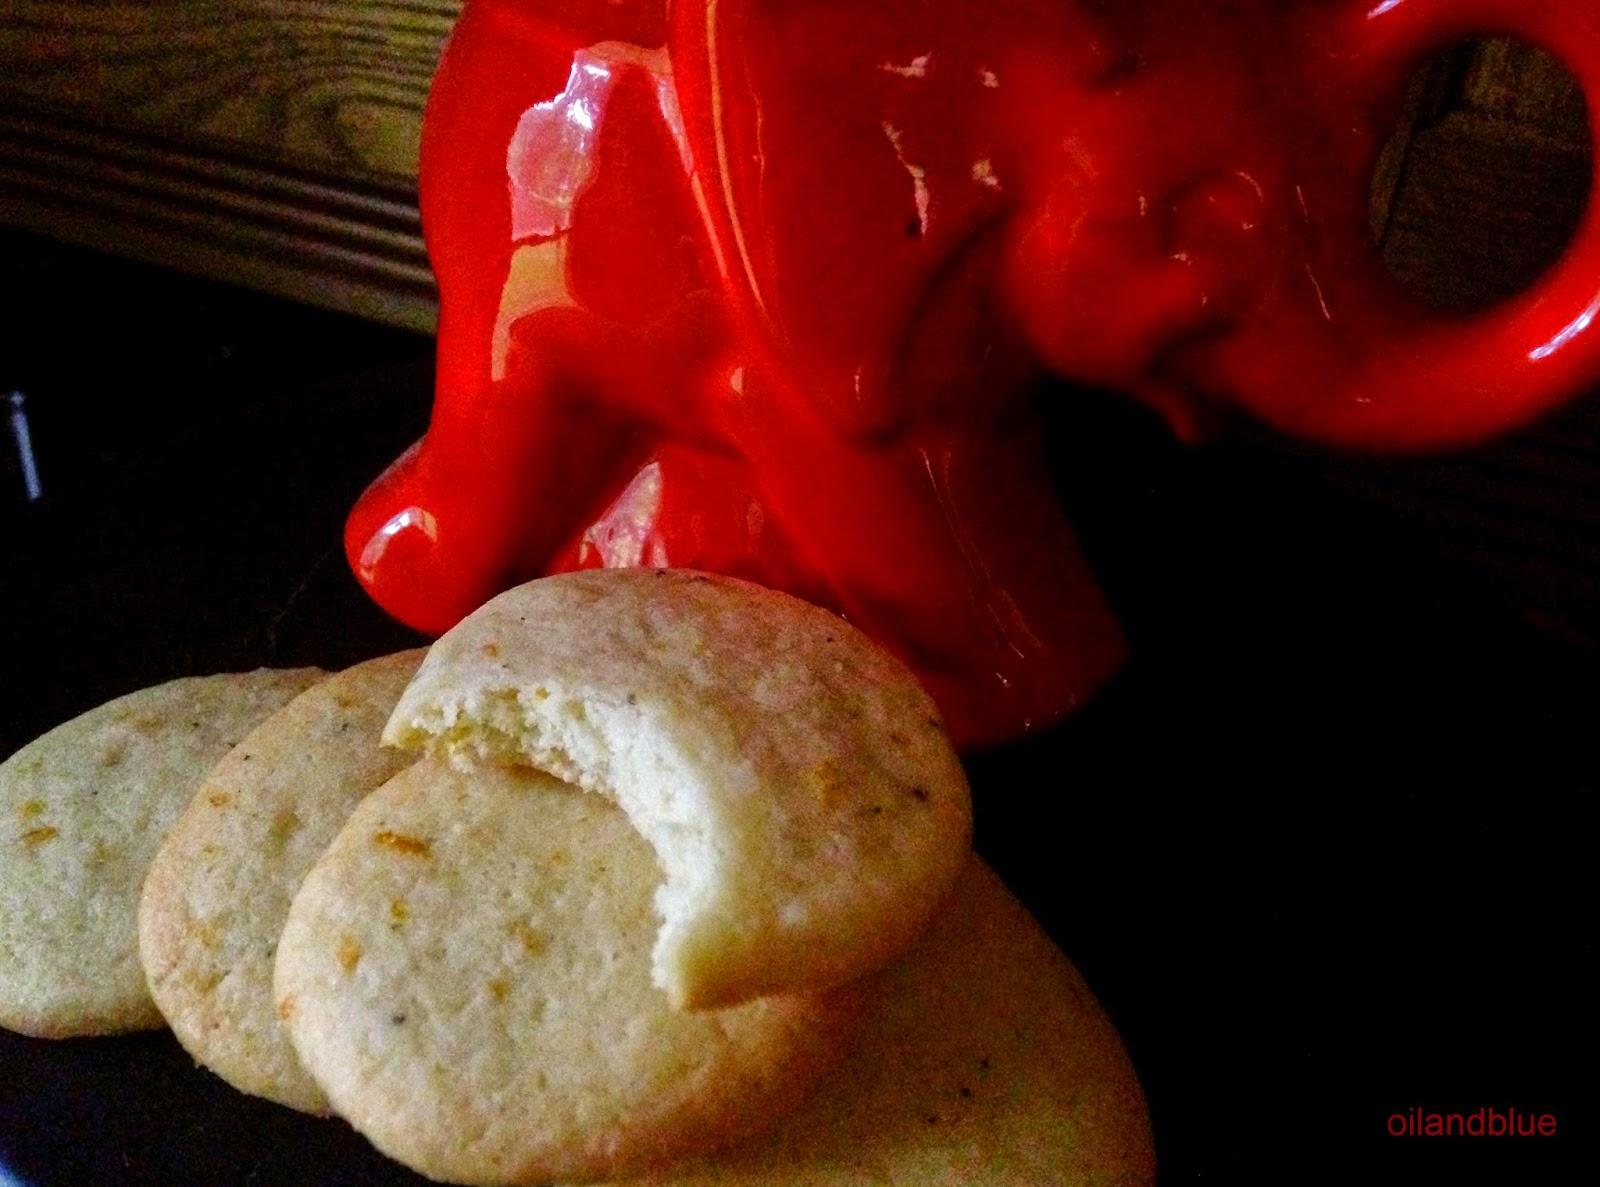 http://oilandblue.blogspot.com/2014/08/hot-night-in-mumbai-saffron-pepper.html